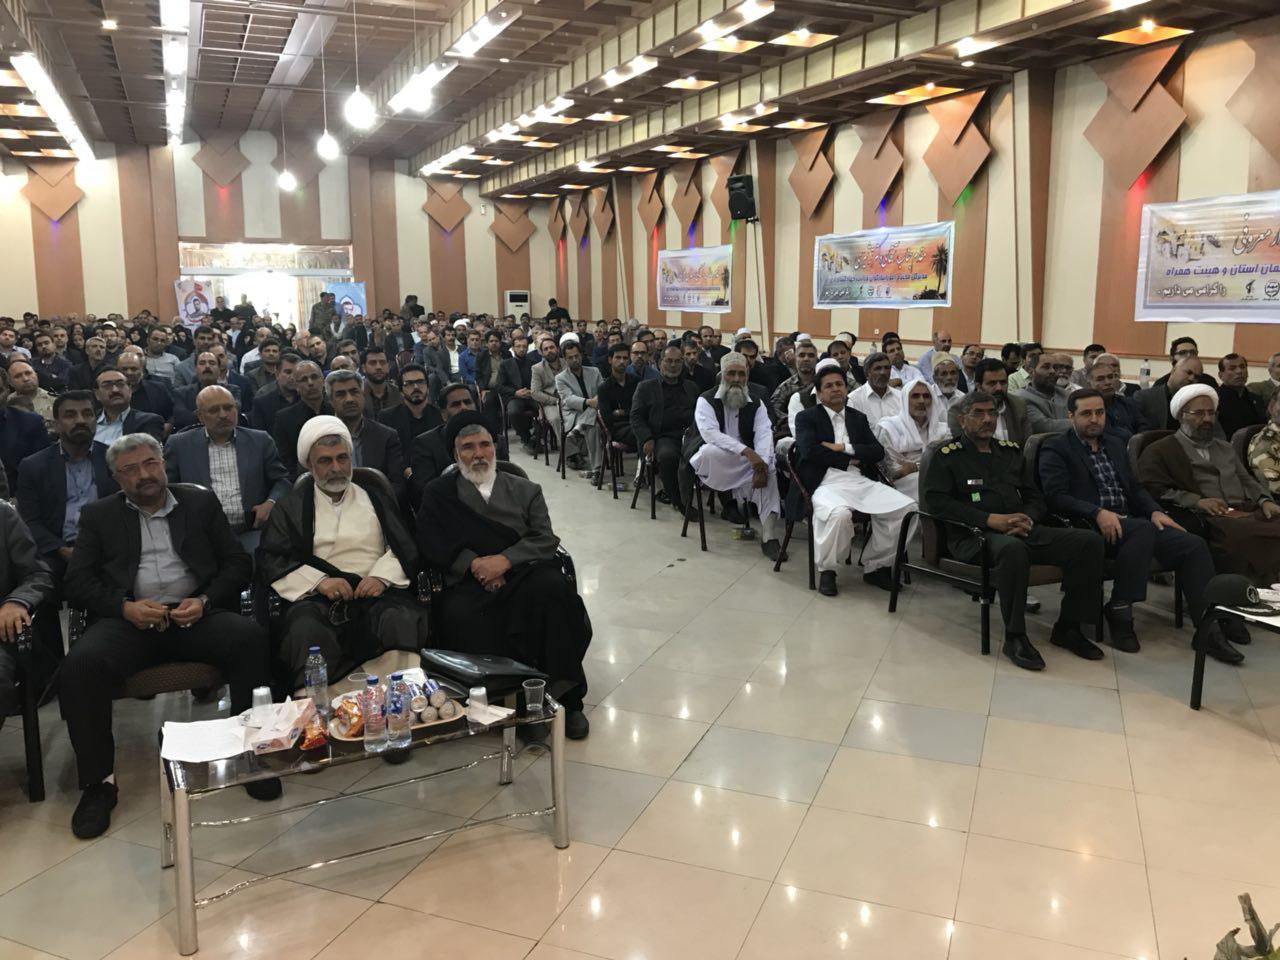 اولین شهدای وزارت جهاد کشاورزی به سیستان و بلوچستان اختصاص دارند